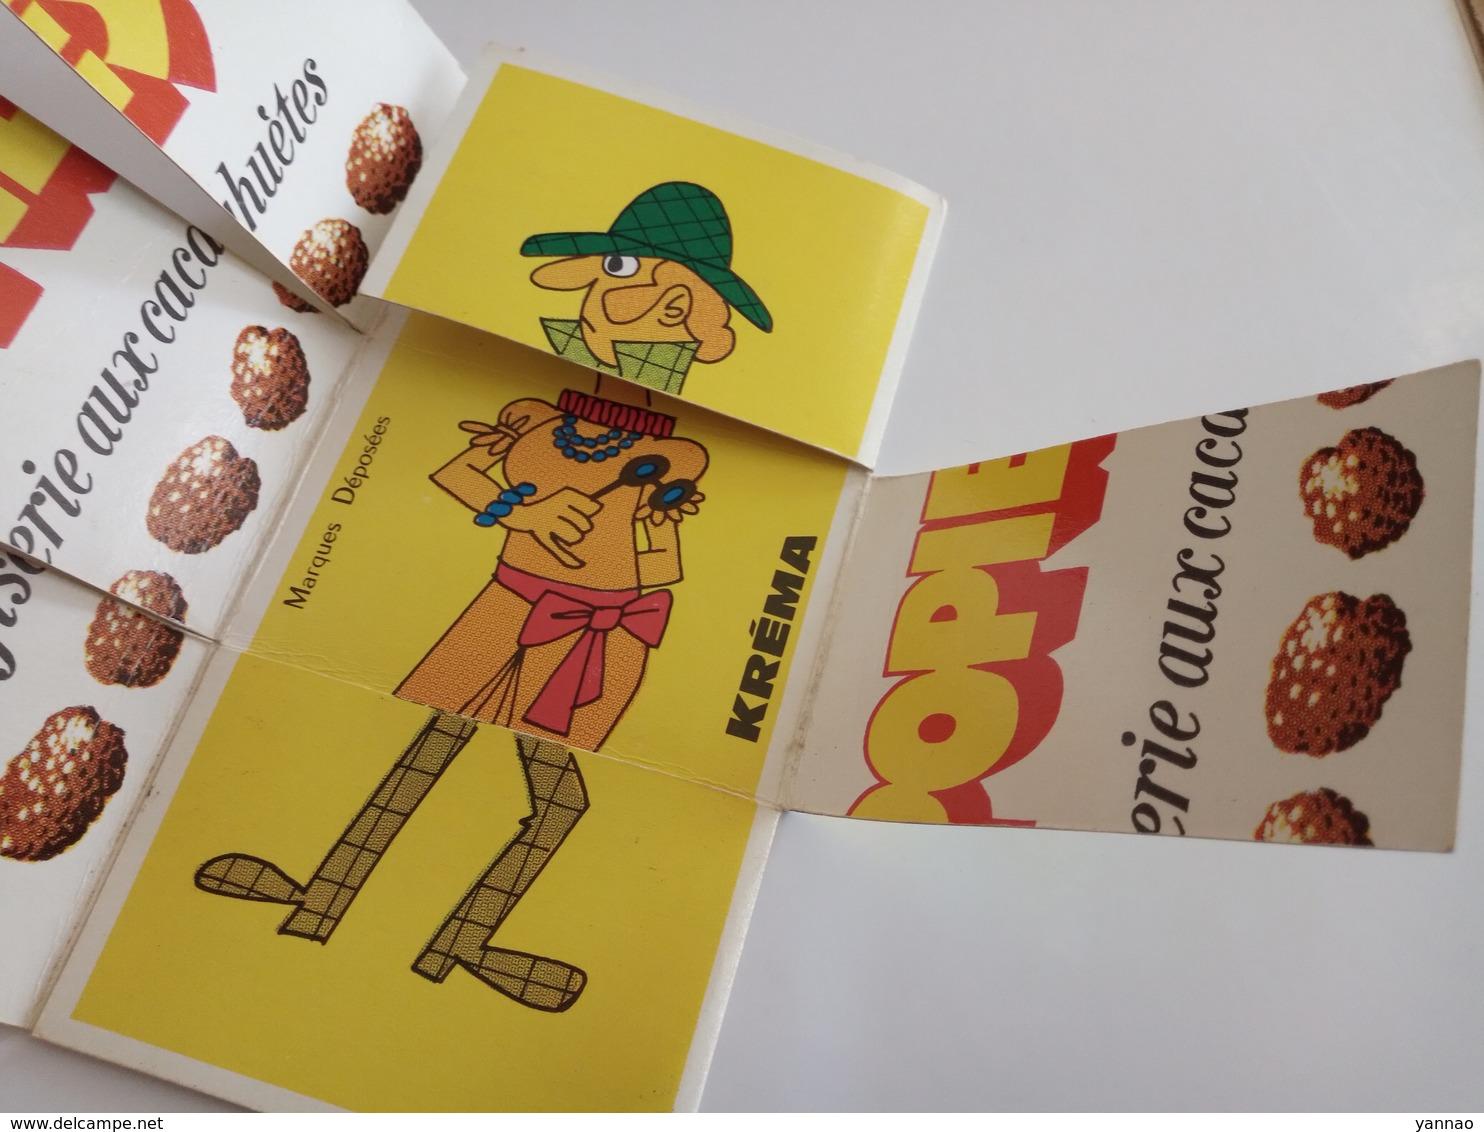 Ancien Dépliant Publicitaire Jeu Confiserie Bonbons Krema Ho' Popies Cacahuètes - Publicités